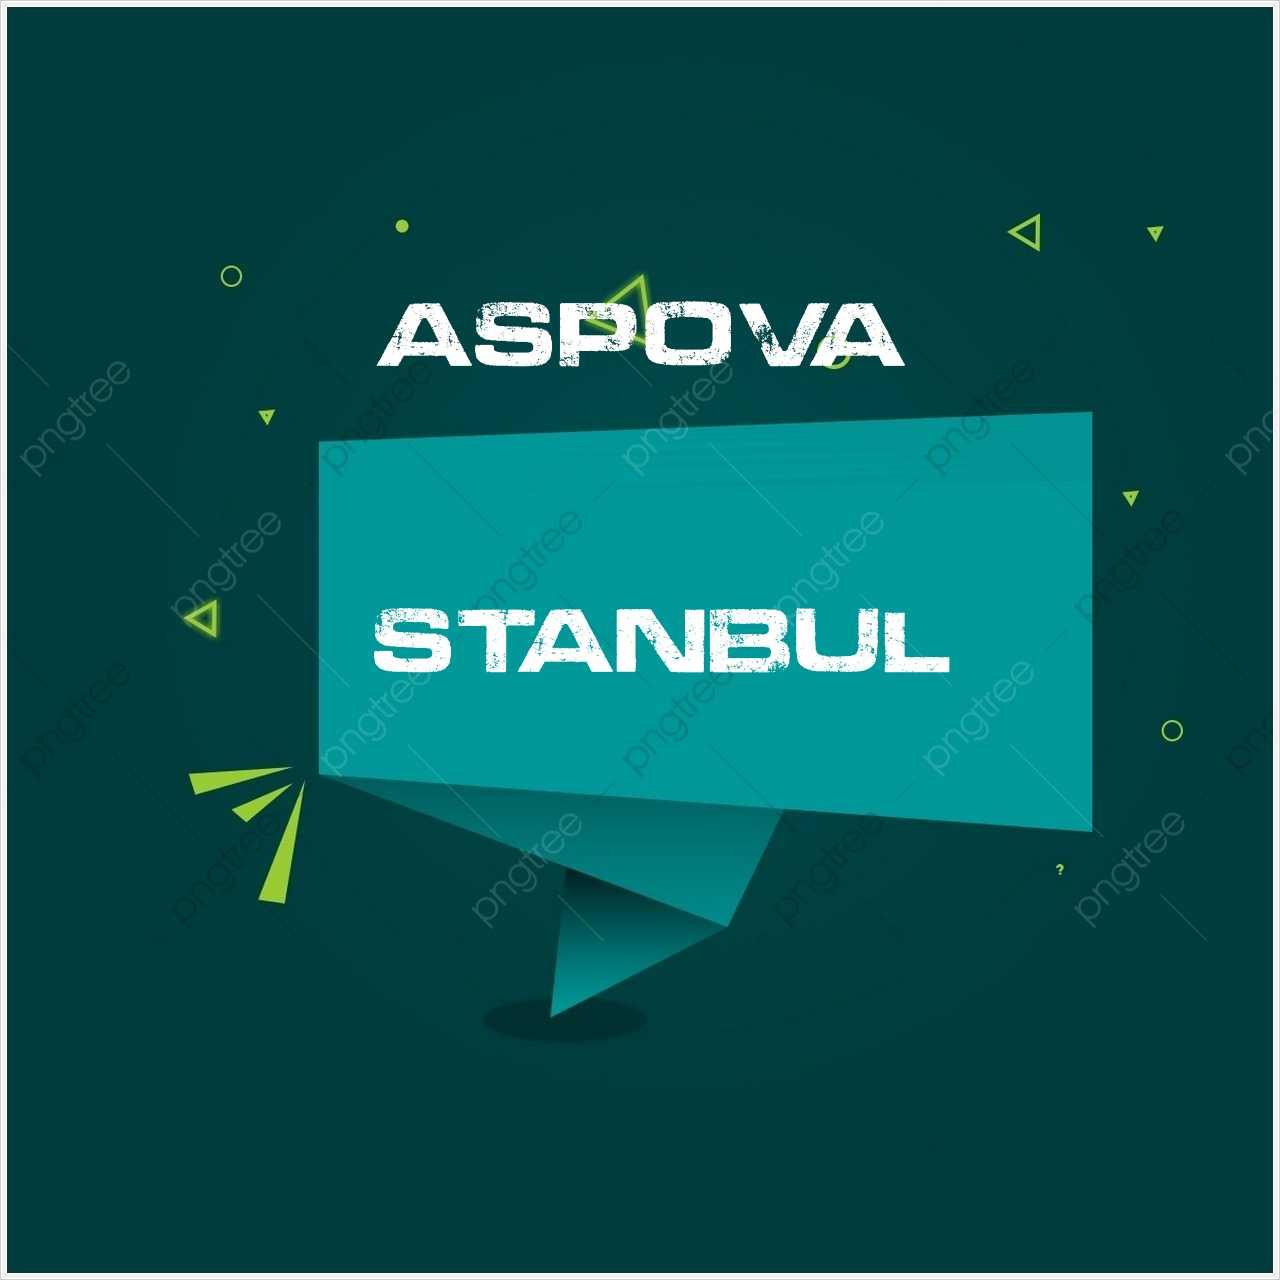 دانلود آهنگ جدید Aspova به نام İstanbul